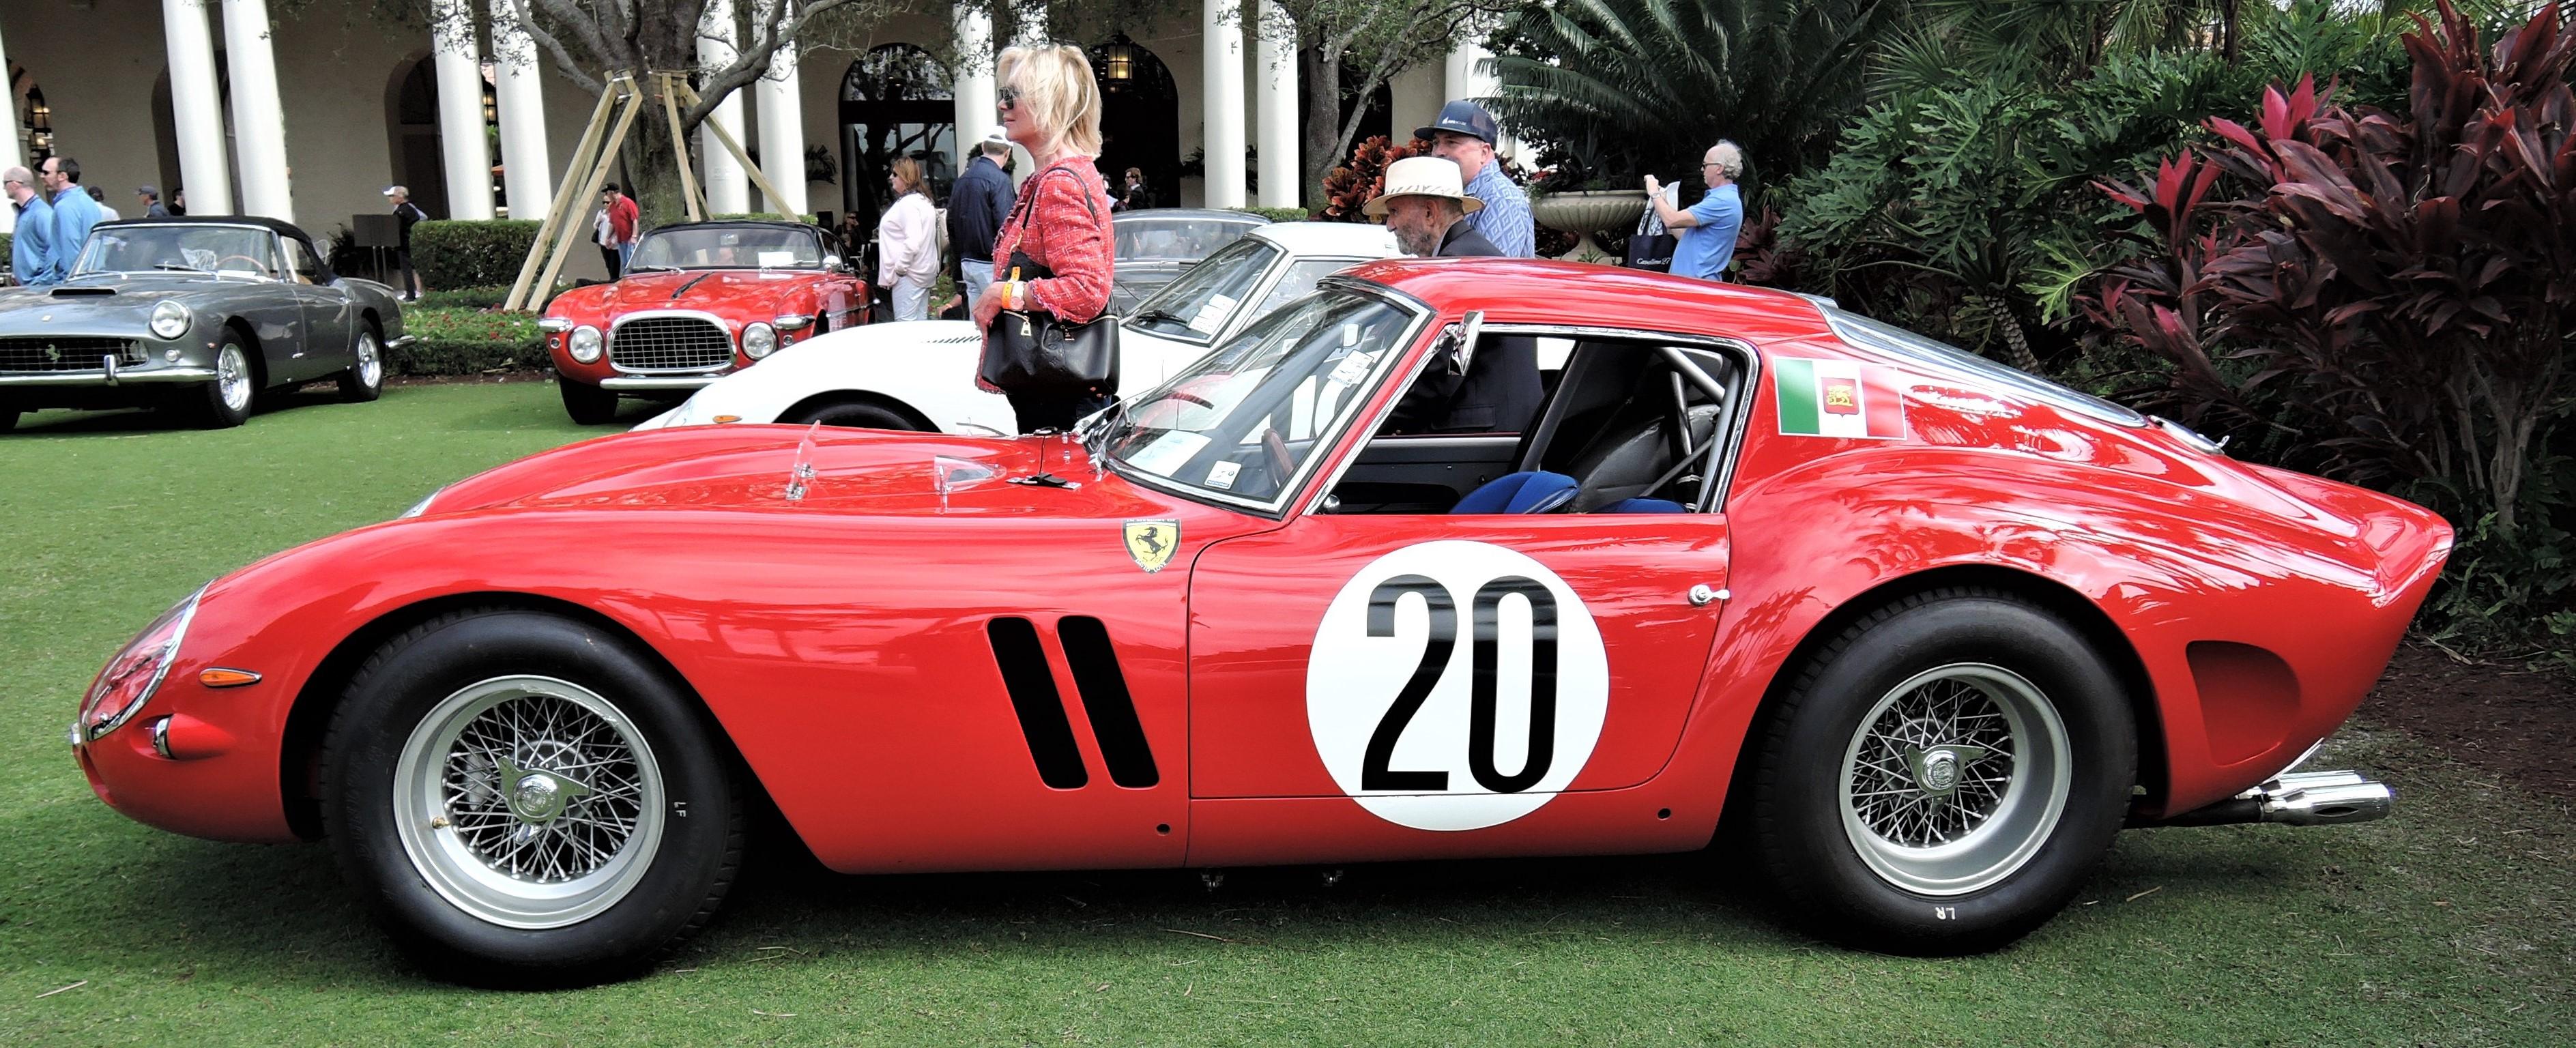 red 1963 Ferrari 250 GTO; Sn 4757 GT - Cavallino 2018 Concours